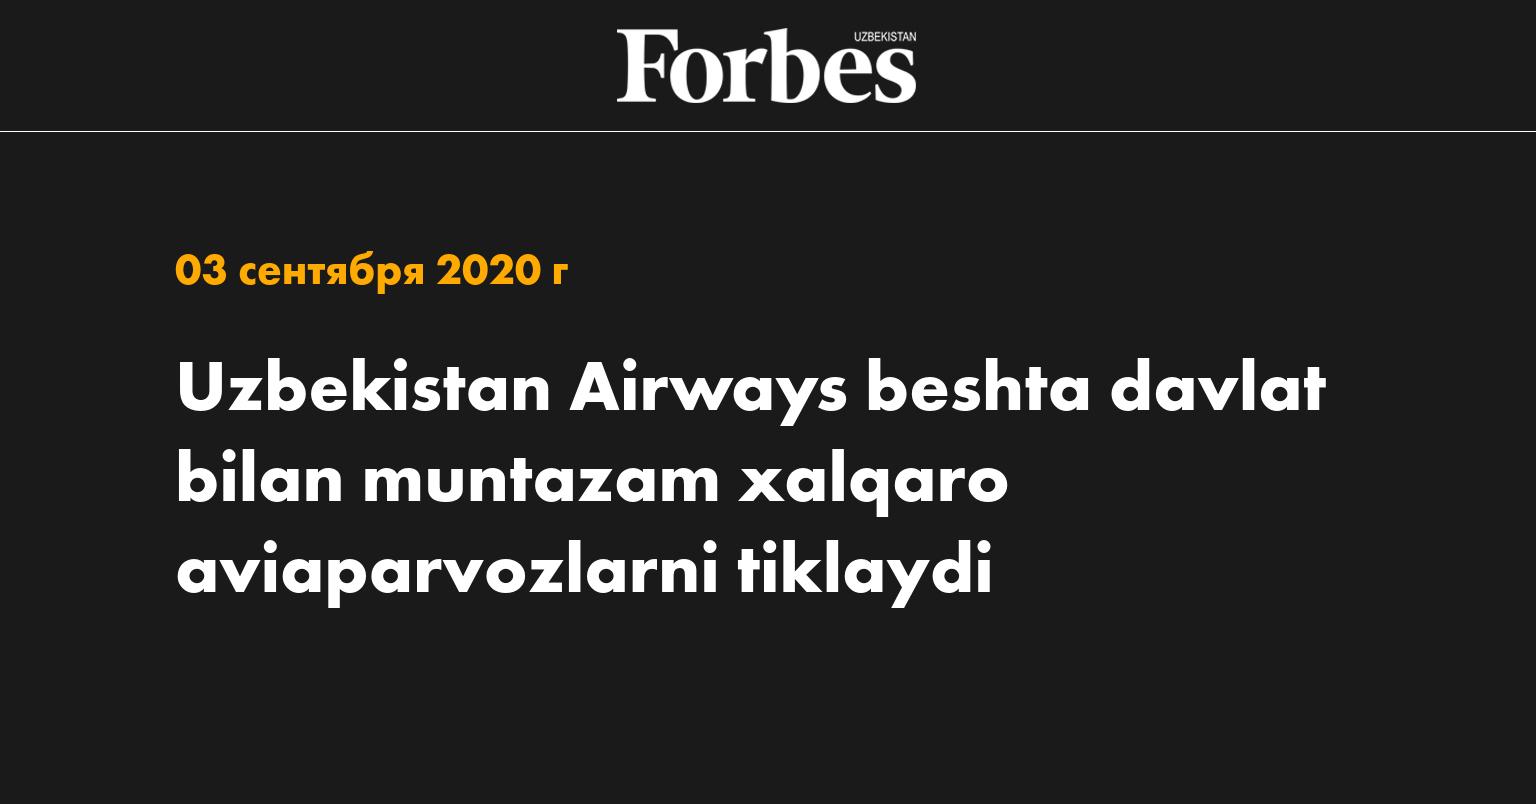 Uzbekistan Airways beshta davlat bilan muntazam xalqaro aviaparvozlarni tiklaydi